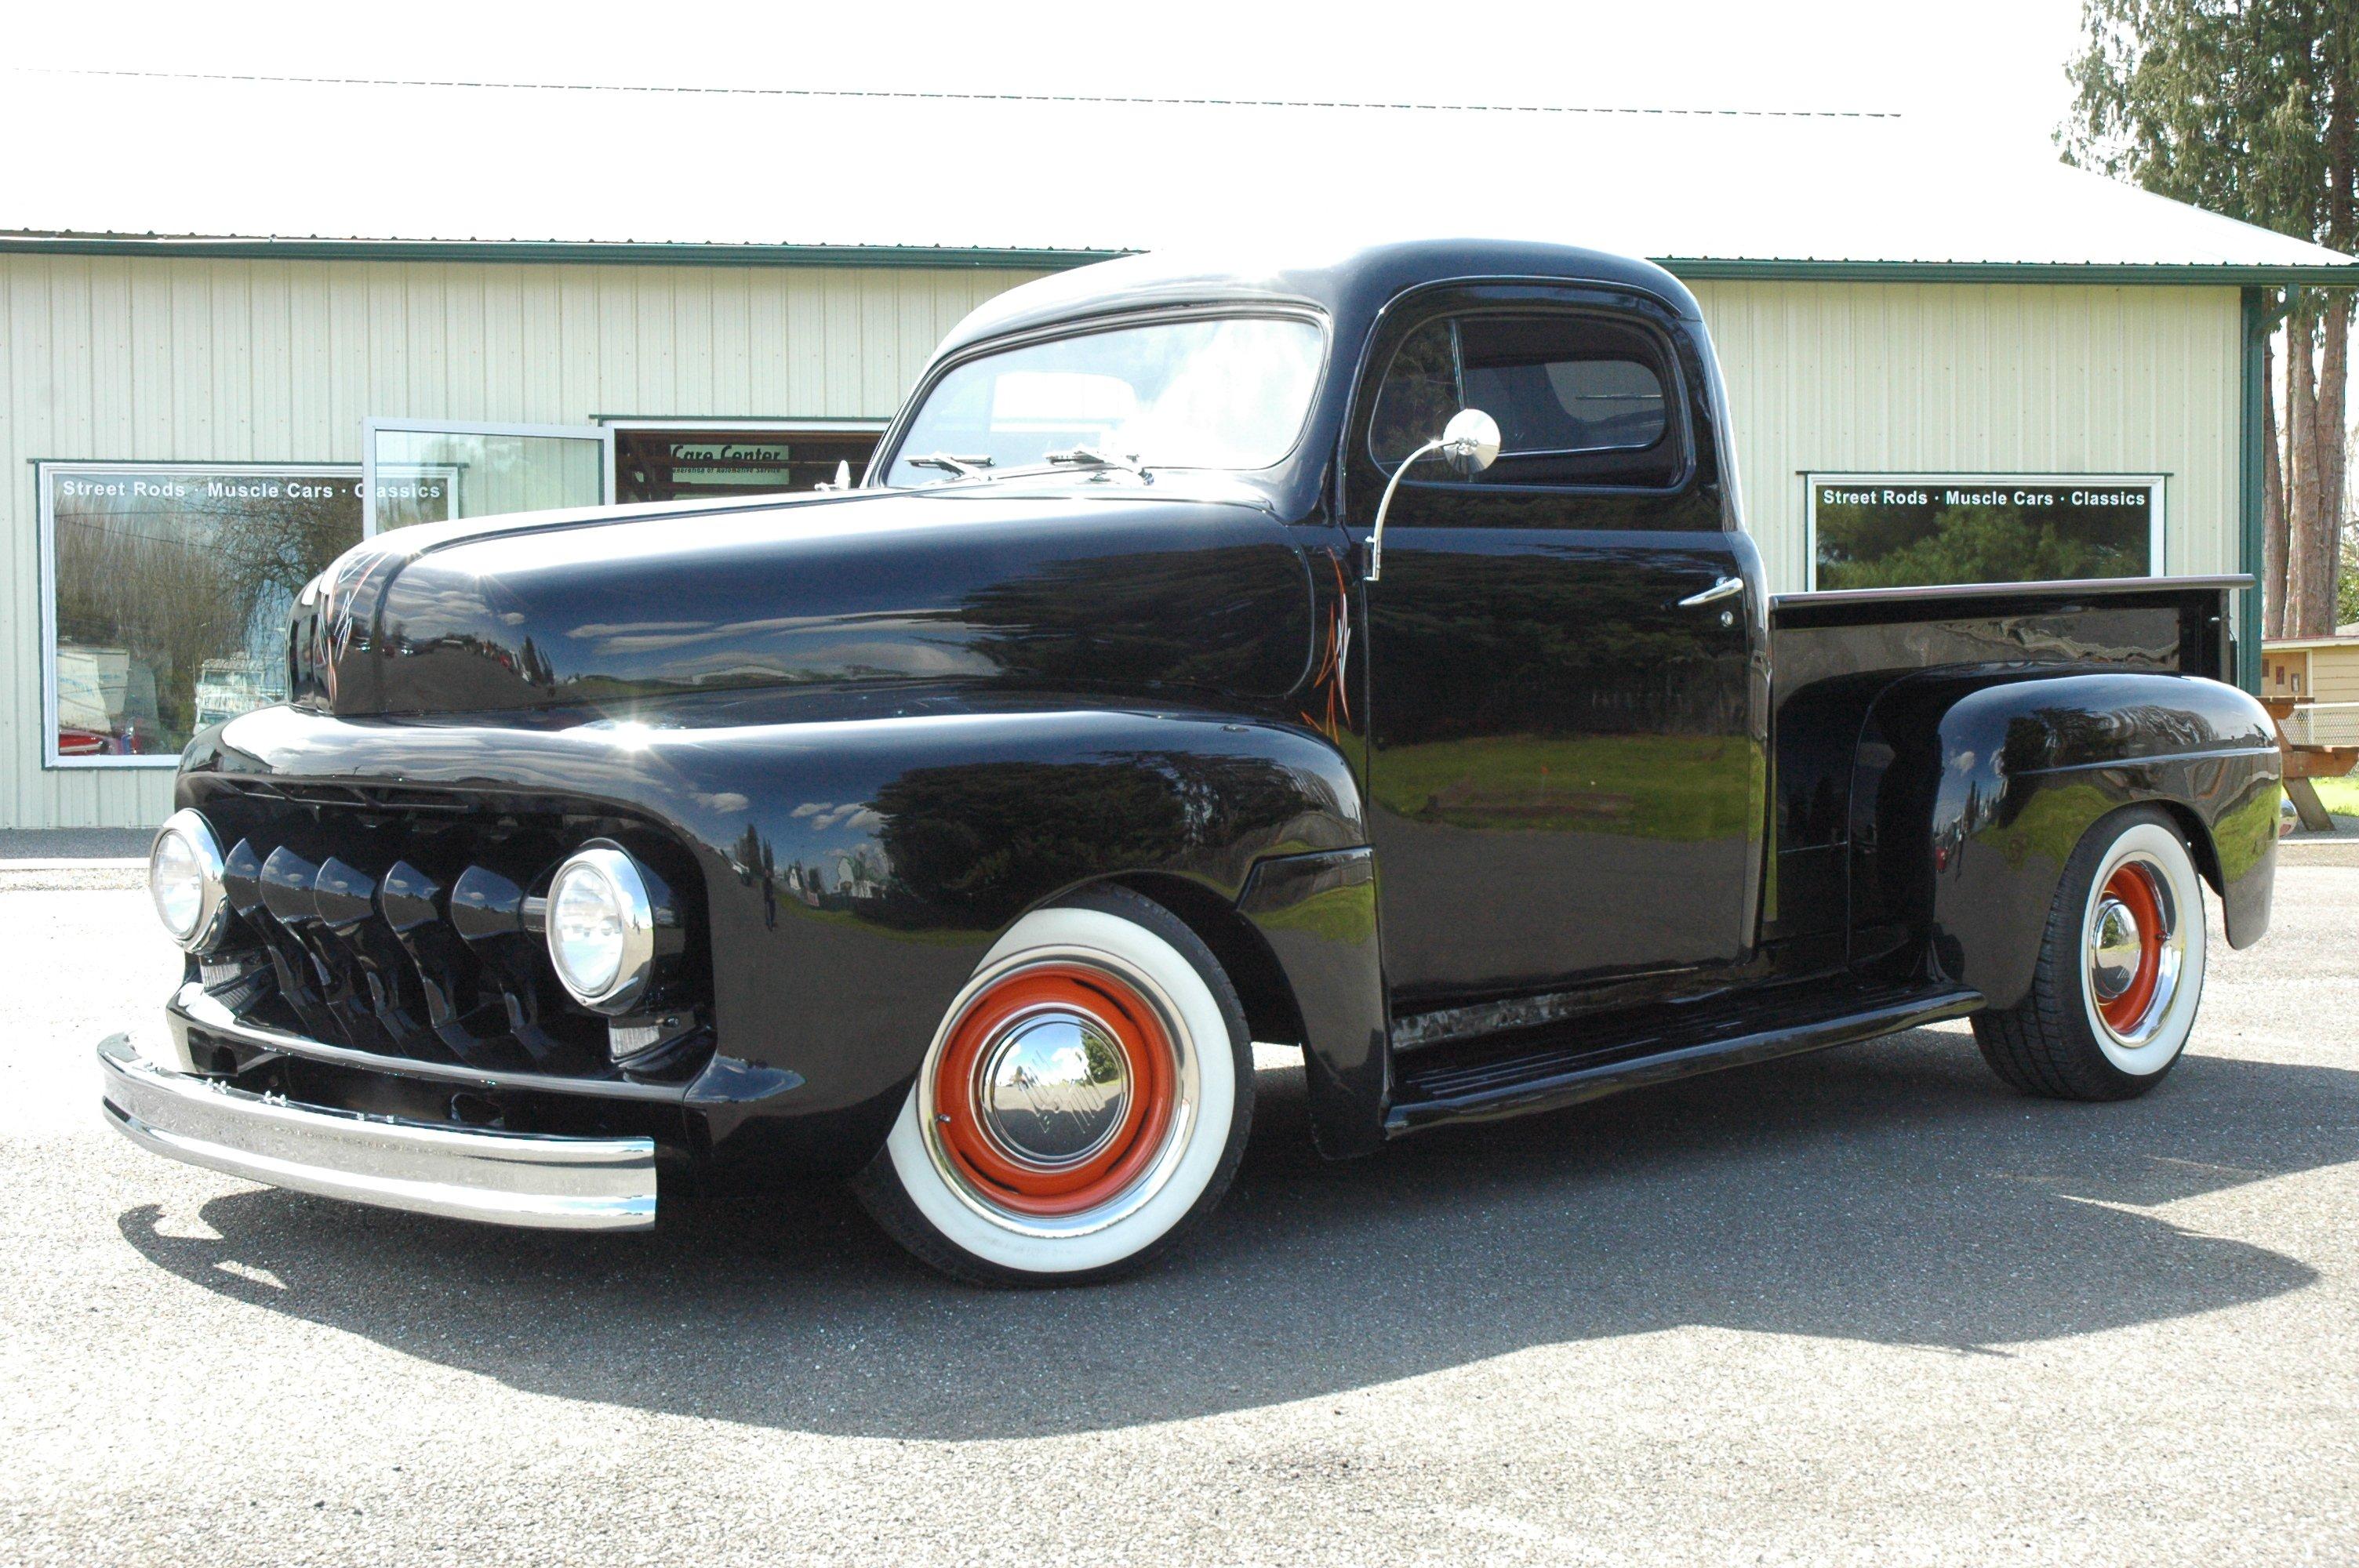 1951 Ford F100 pickup retro f-1 hot rod rods retro e_JPG wallpaper   3008x2000   371022 ...